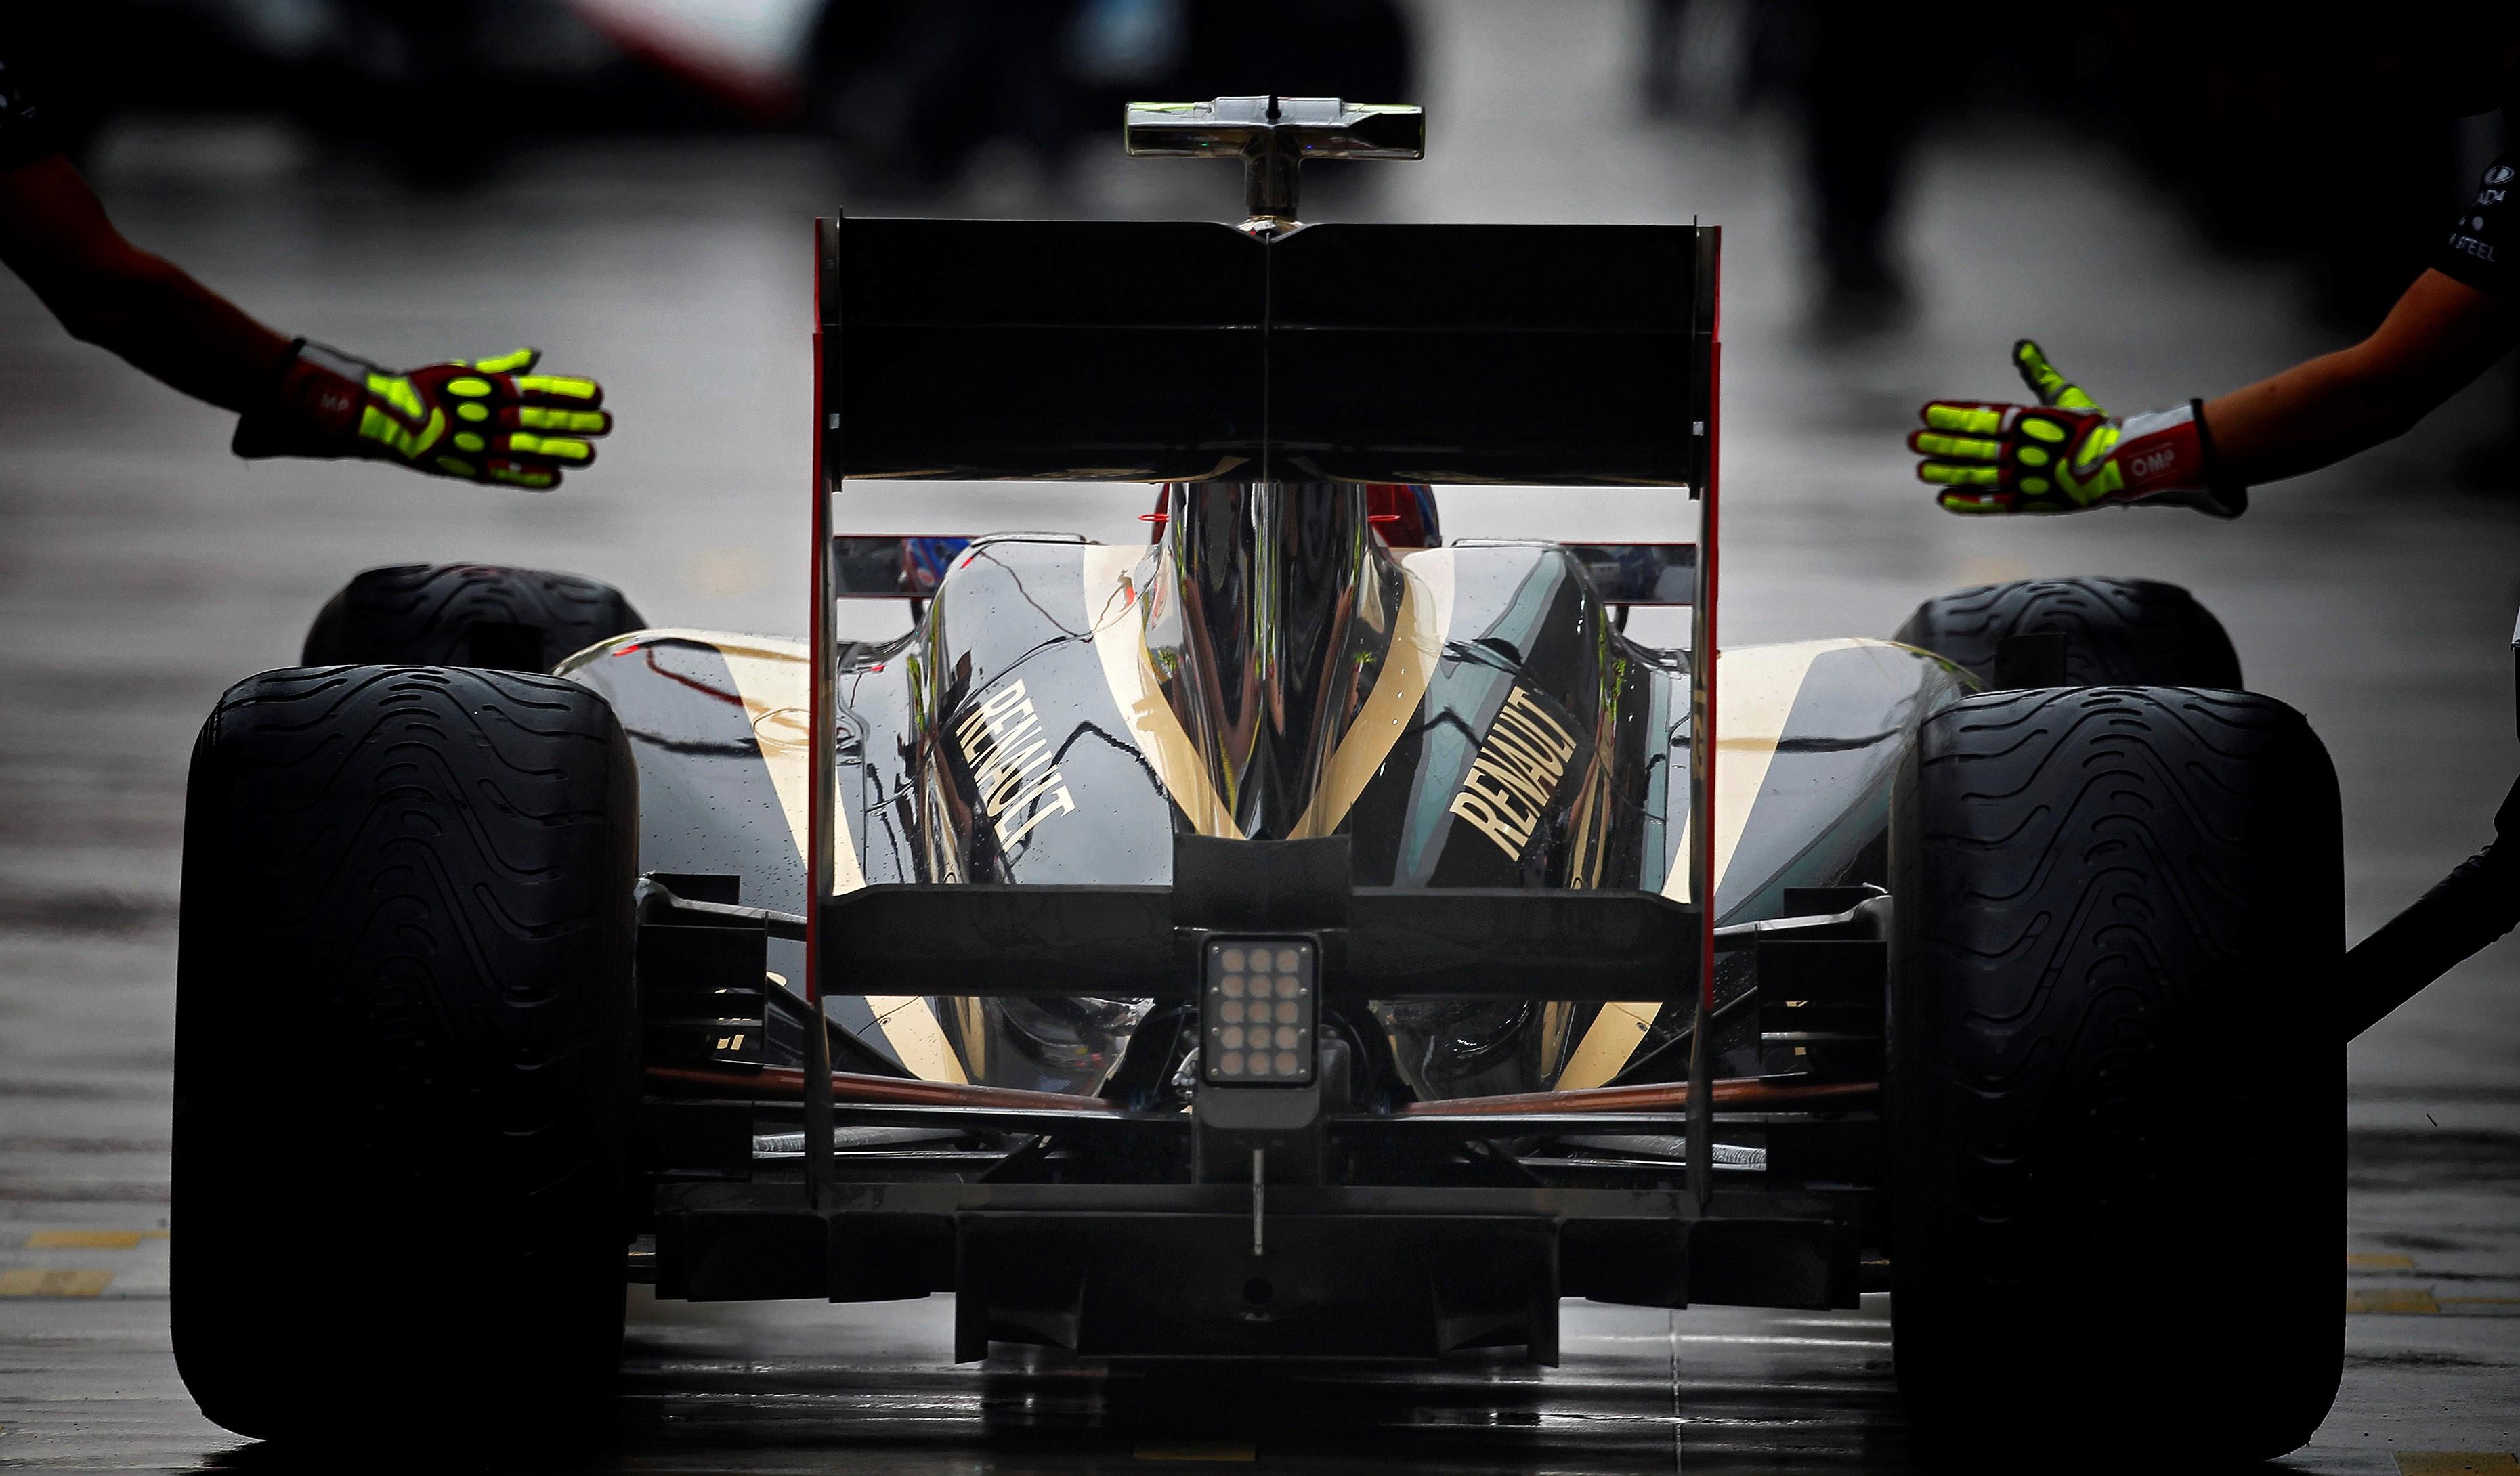 Ufficiale: Renault annuncia il ritorno in F1 nel 2016